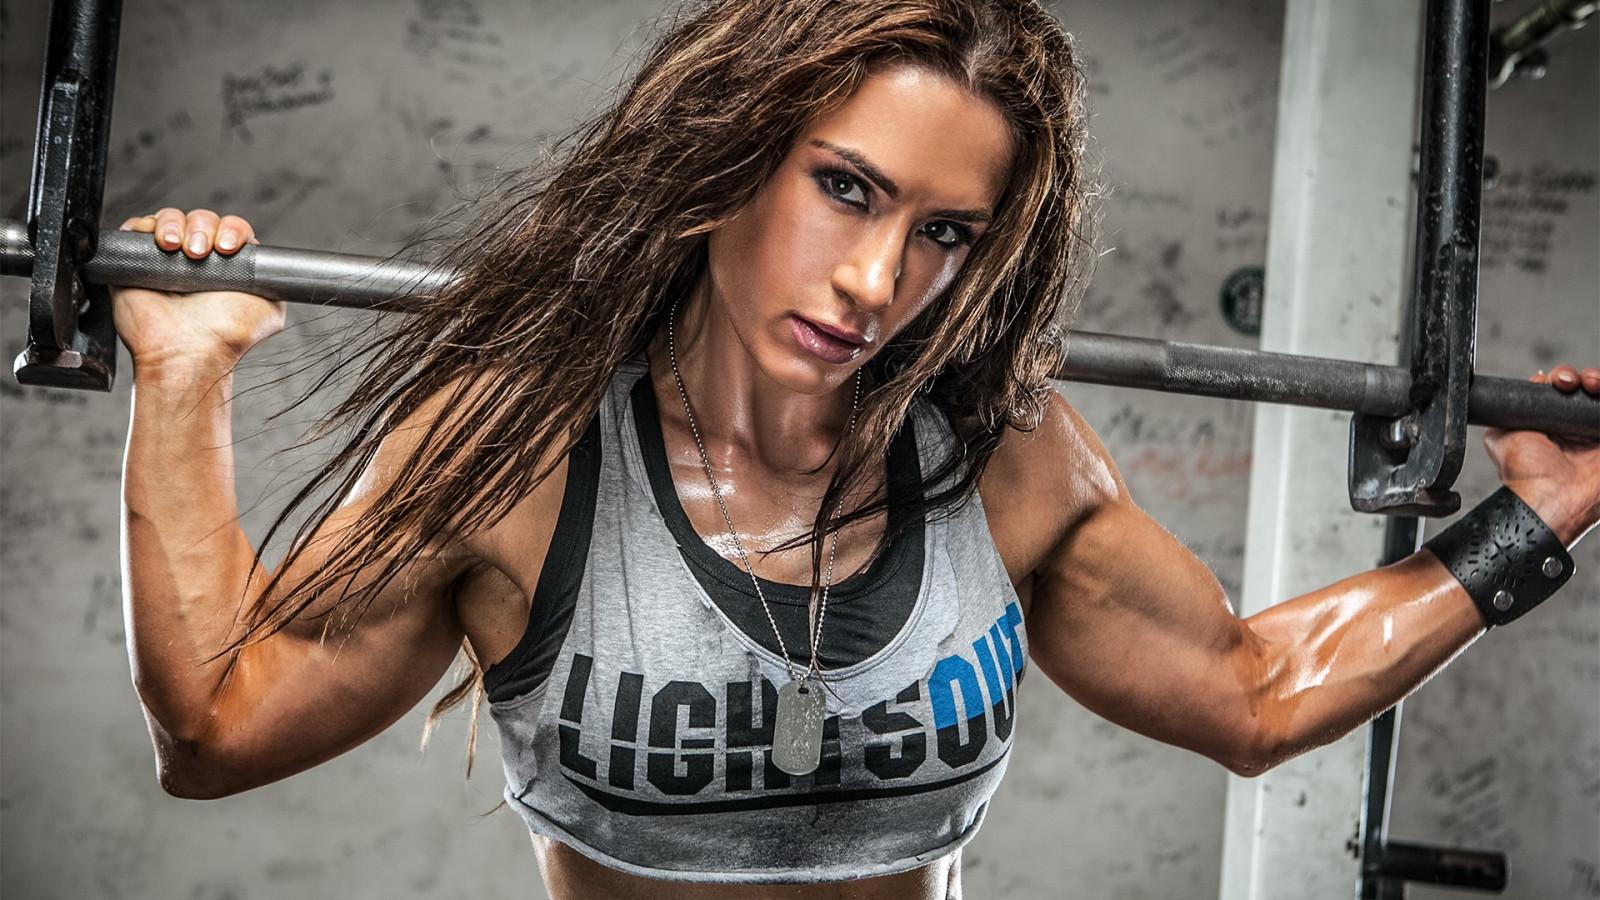 Wallpaper : women, muscles, fitness model, bodybuilding ...